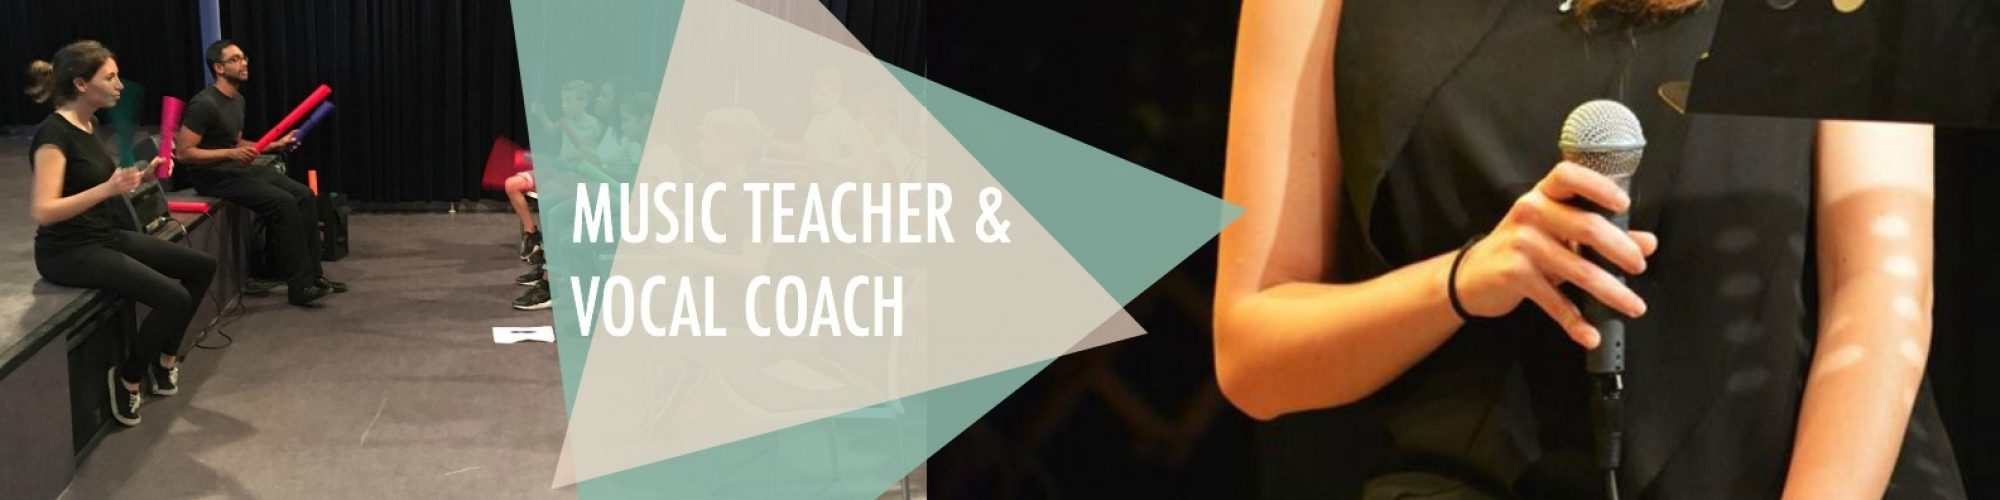 musicteacher&vocalcoach